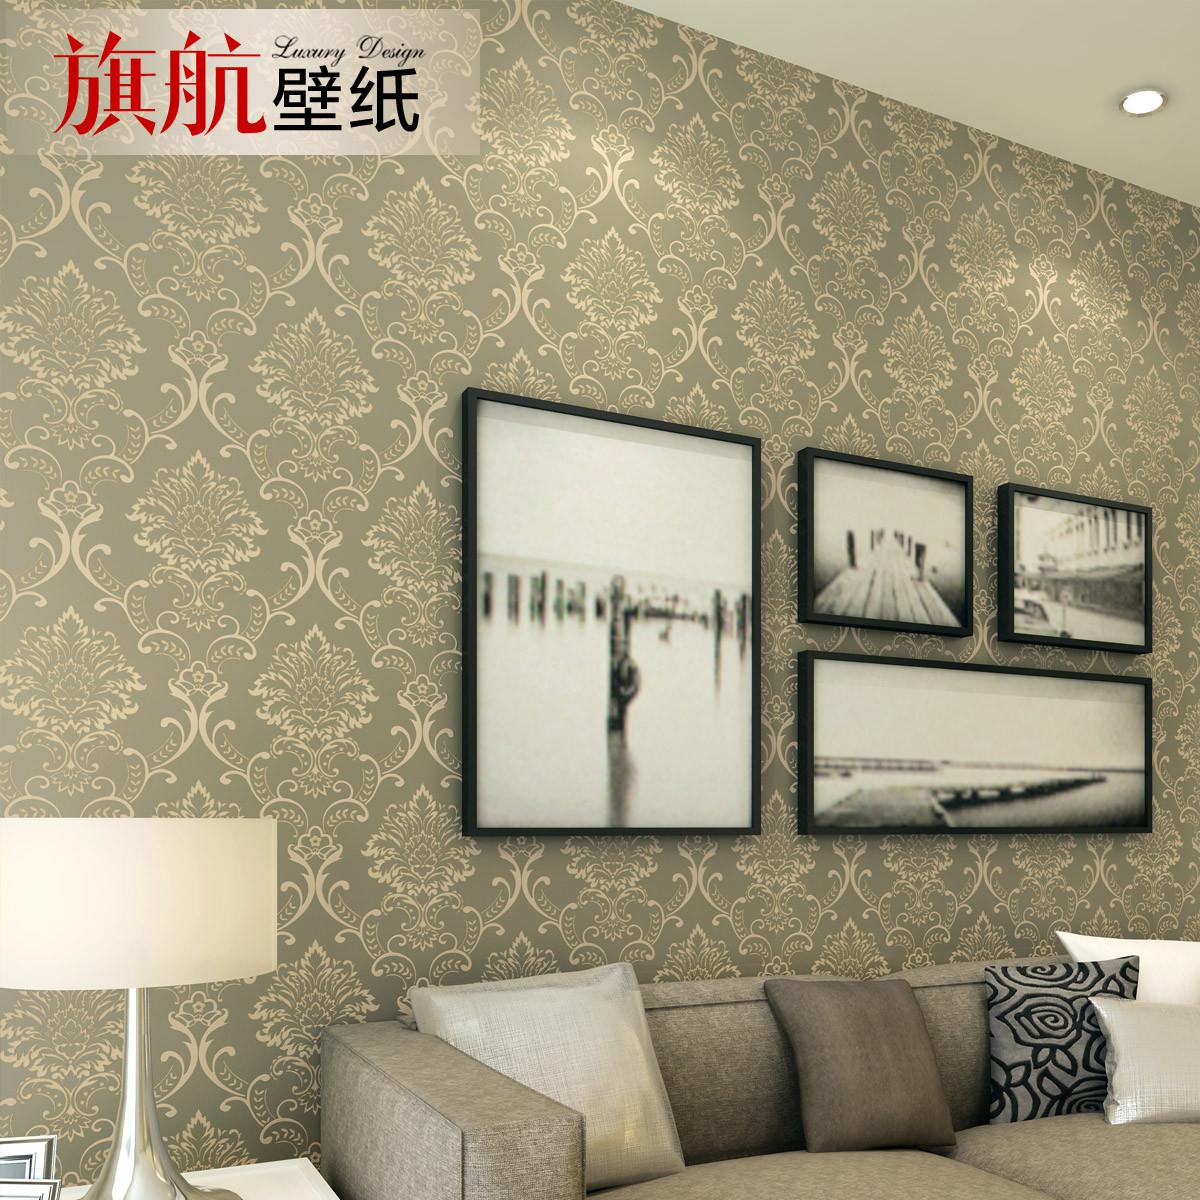 旗航壁纸 压花有图案客厅卧室欧式 QHC-D墙纸